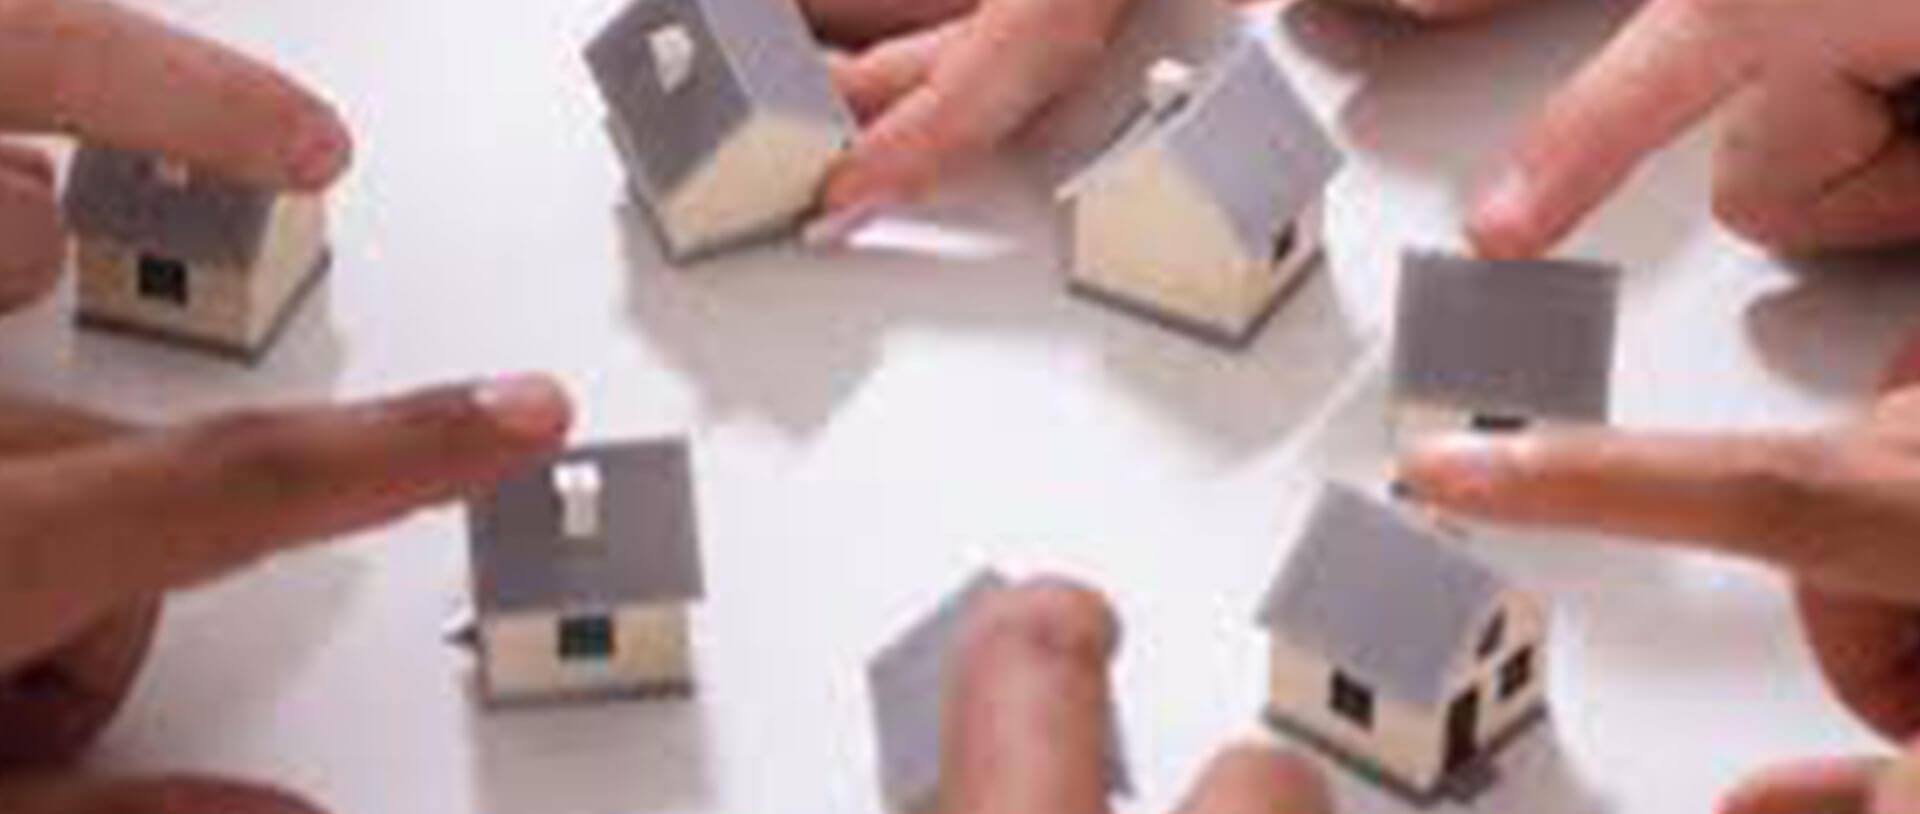 10 вещей, которые необходимо знать при покупке недвижимости в жилом комплексе